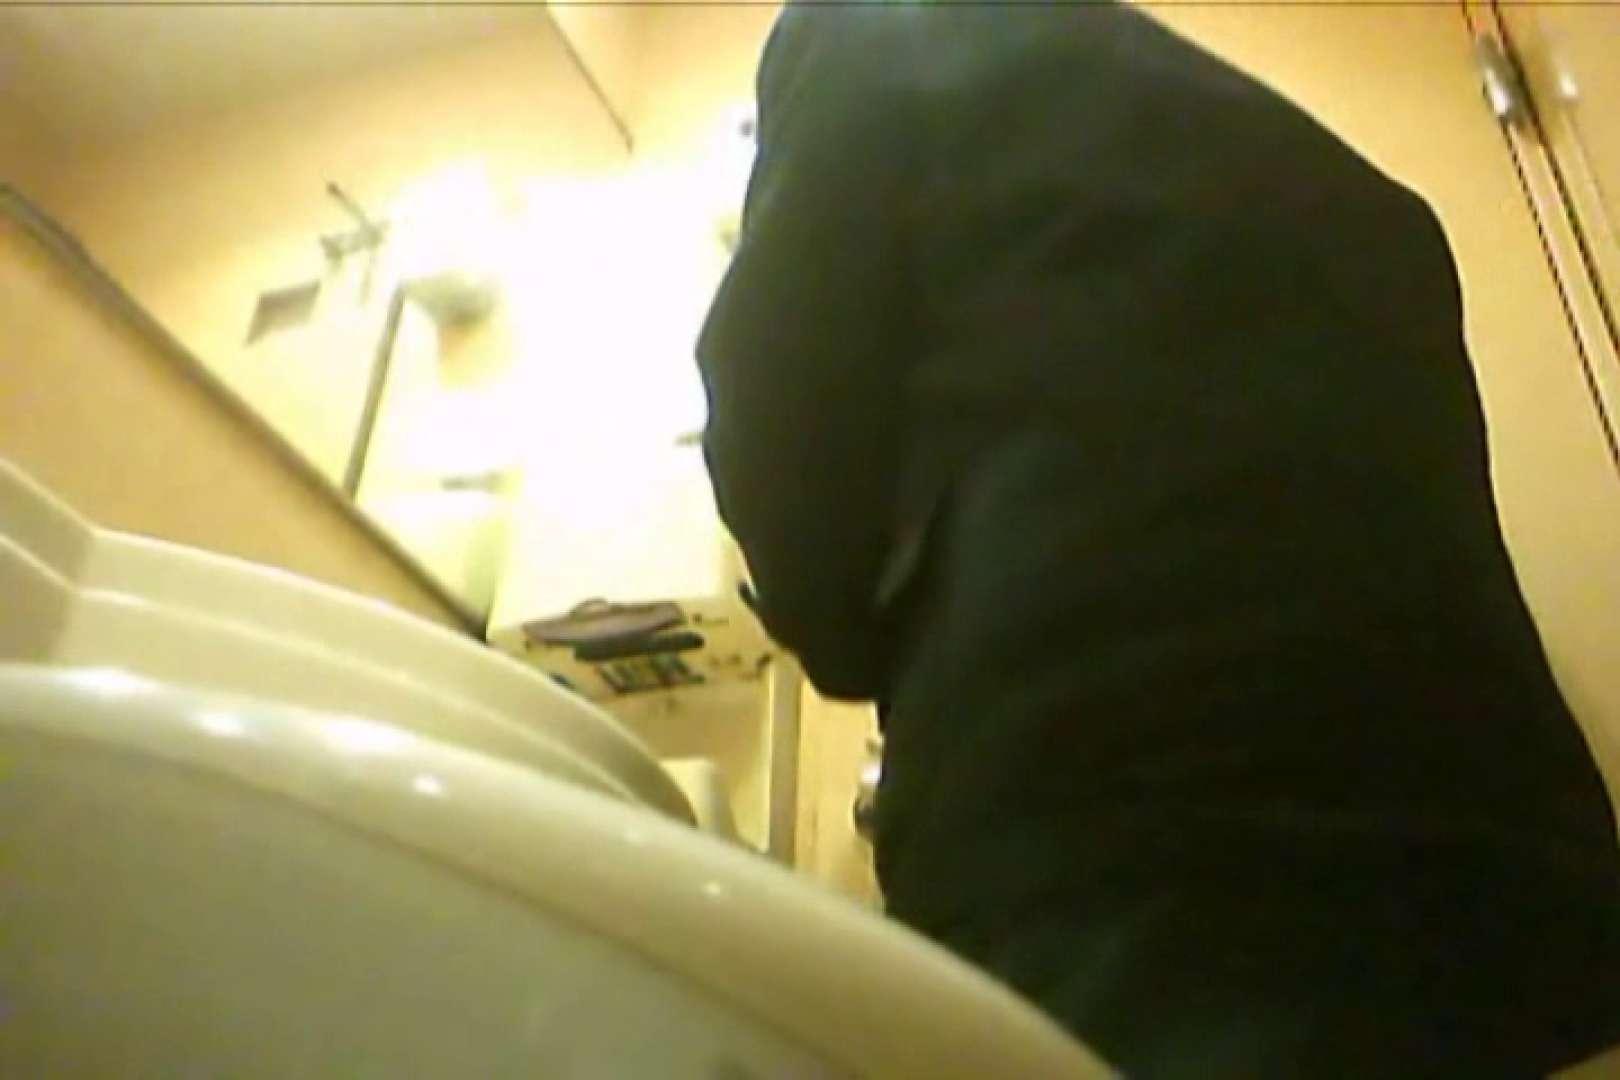 Gボーイ初投稿!掴み取りさんの洗面所覗き!in新幹線!VOL.17 スーツボーイズ | スジ筋系ボーイズ  104pic 92